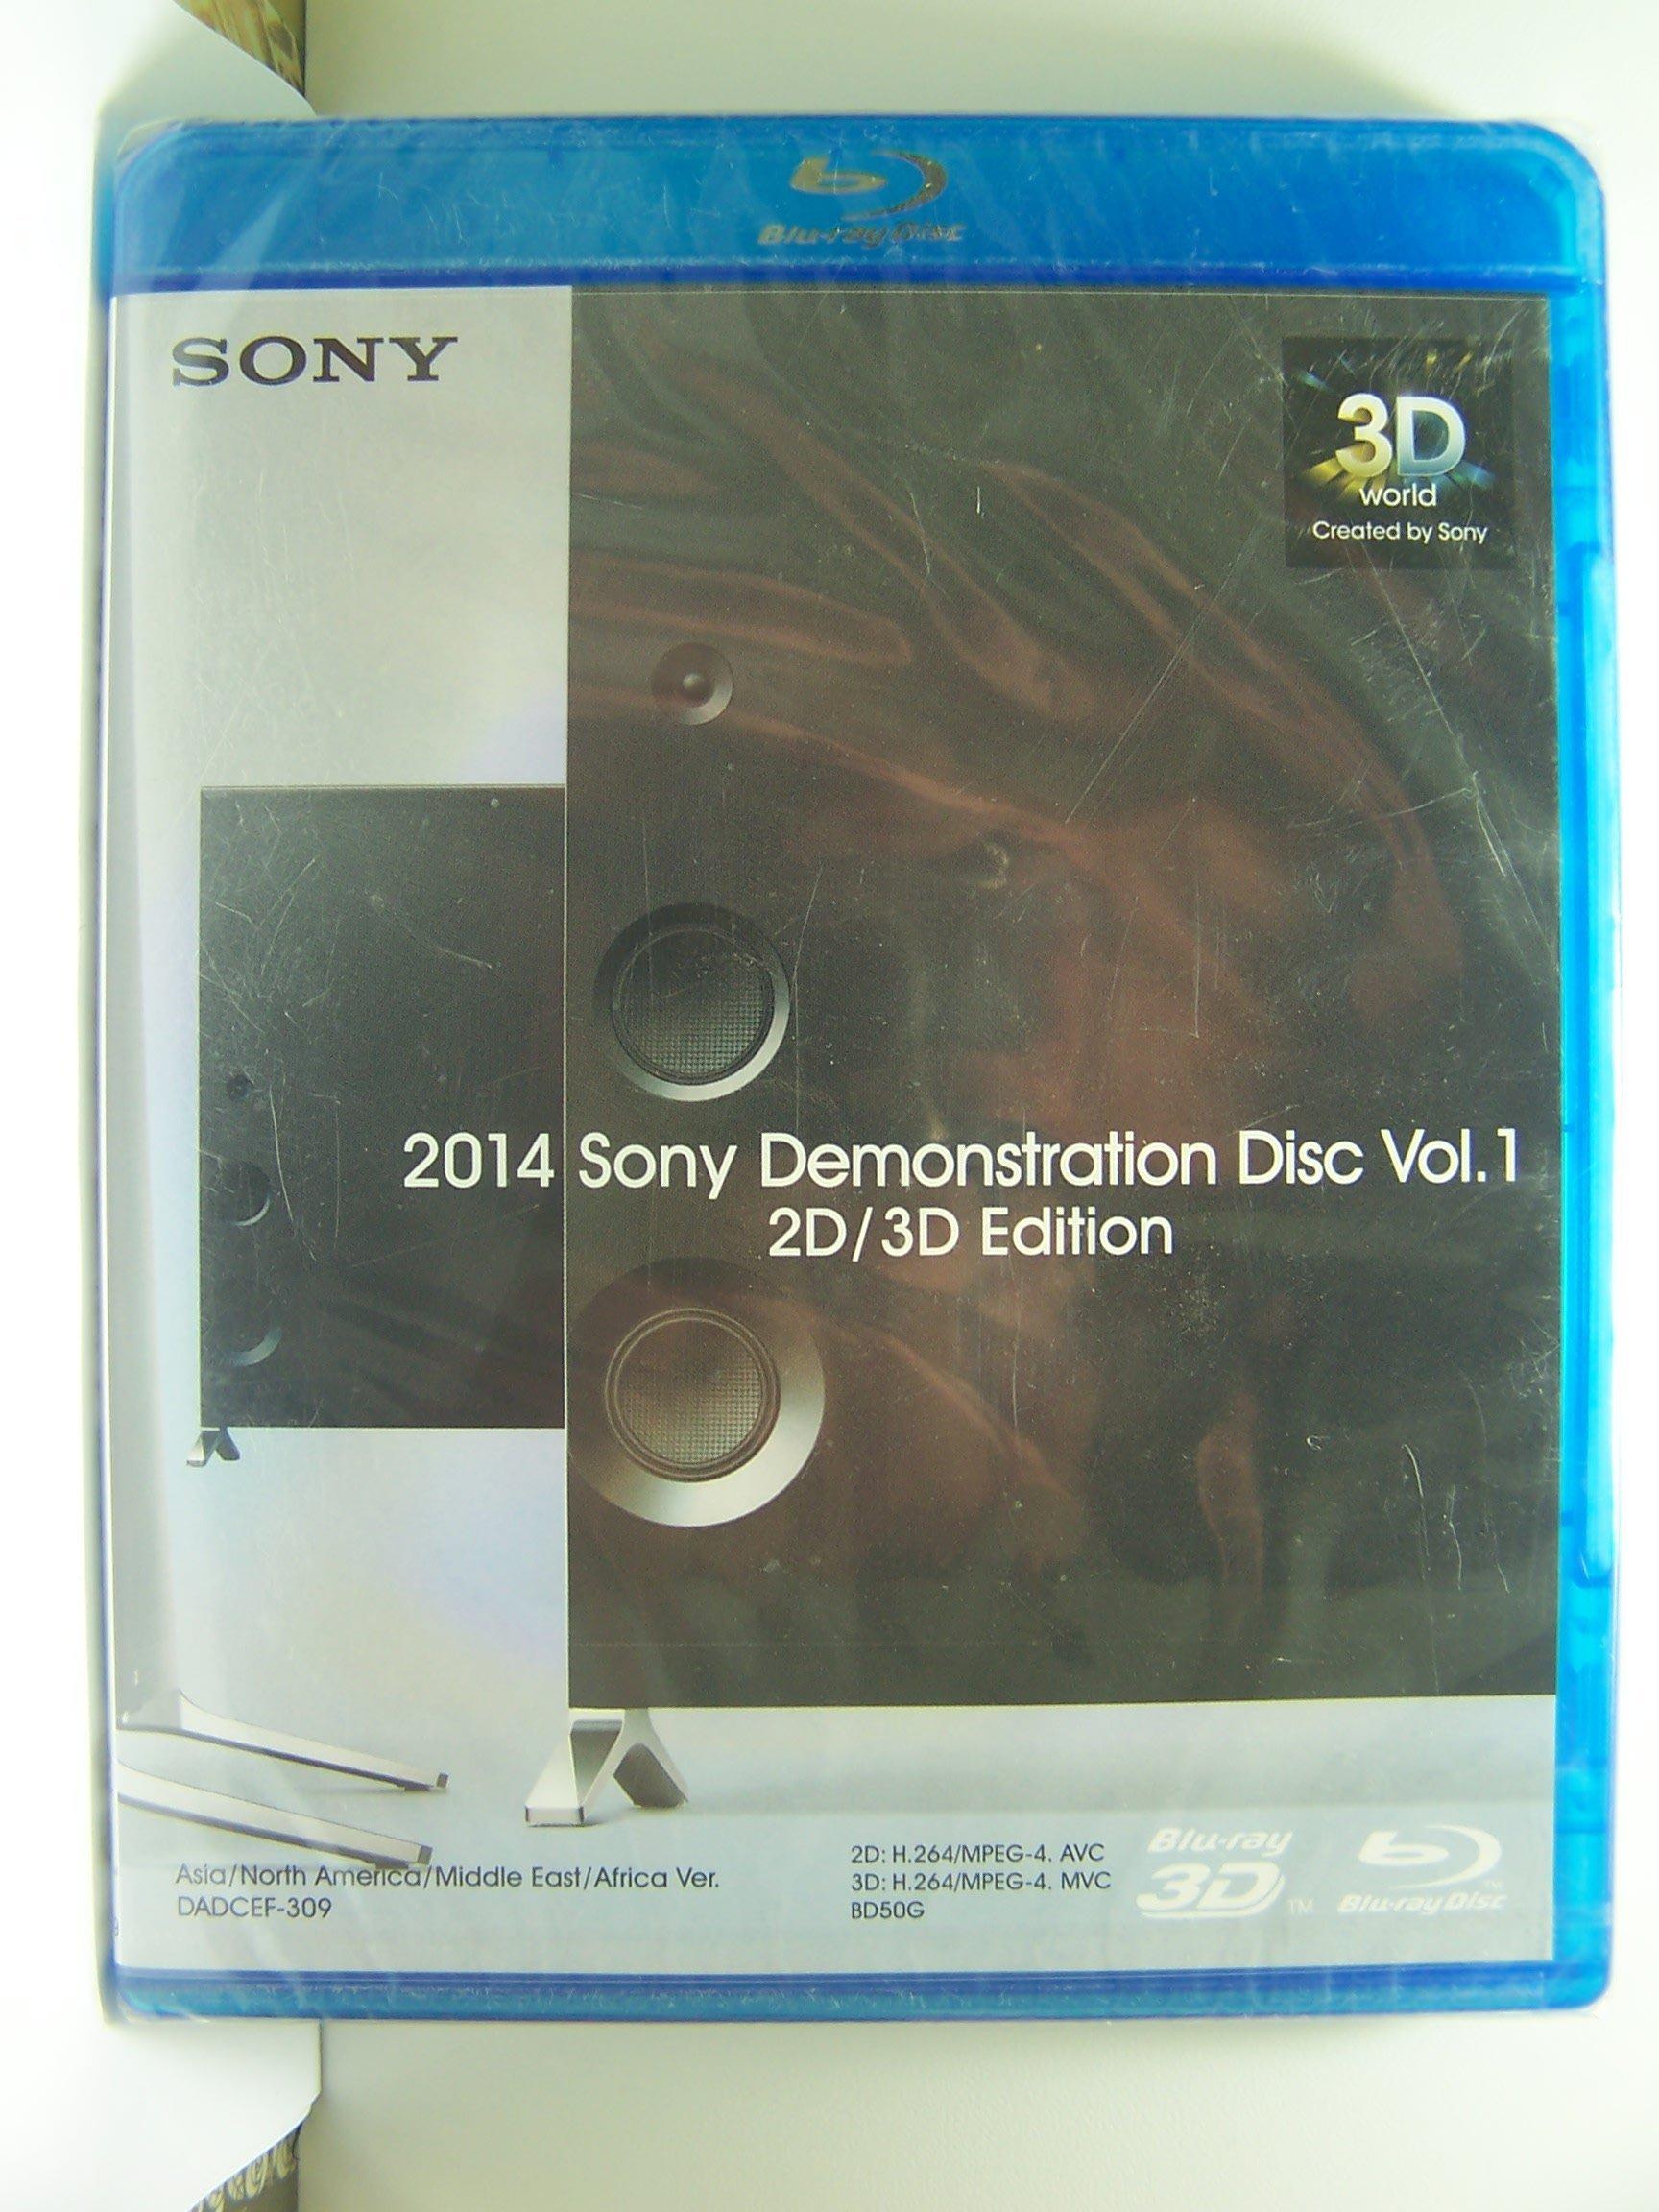 【藍光BD】895.罕見的SONY 2014年藍光示範片第1集(曲目詳照片),有2D,3D及4K示範影片